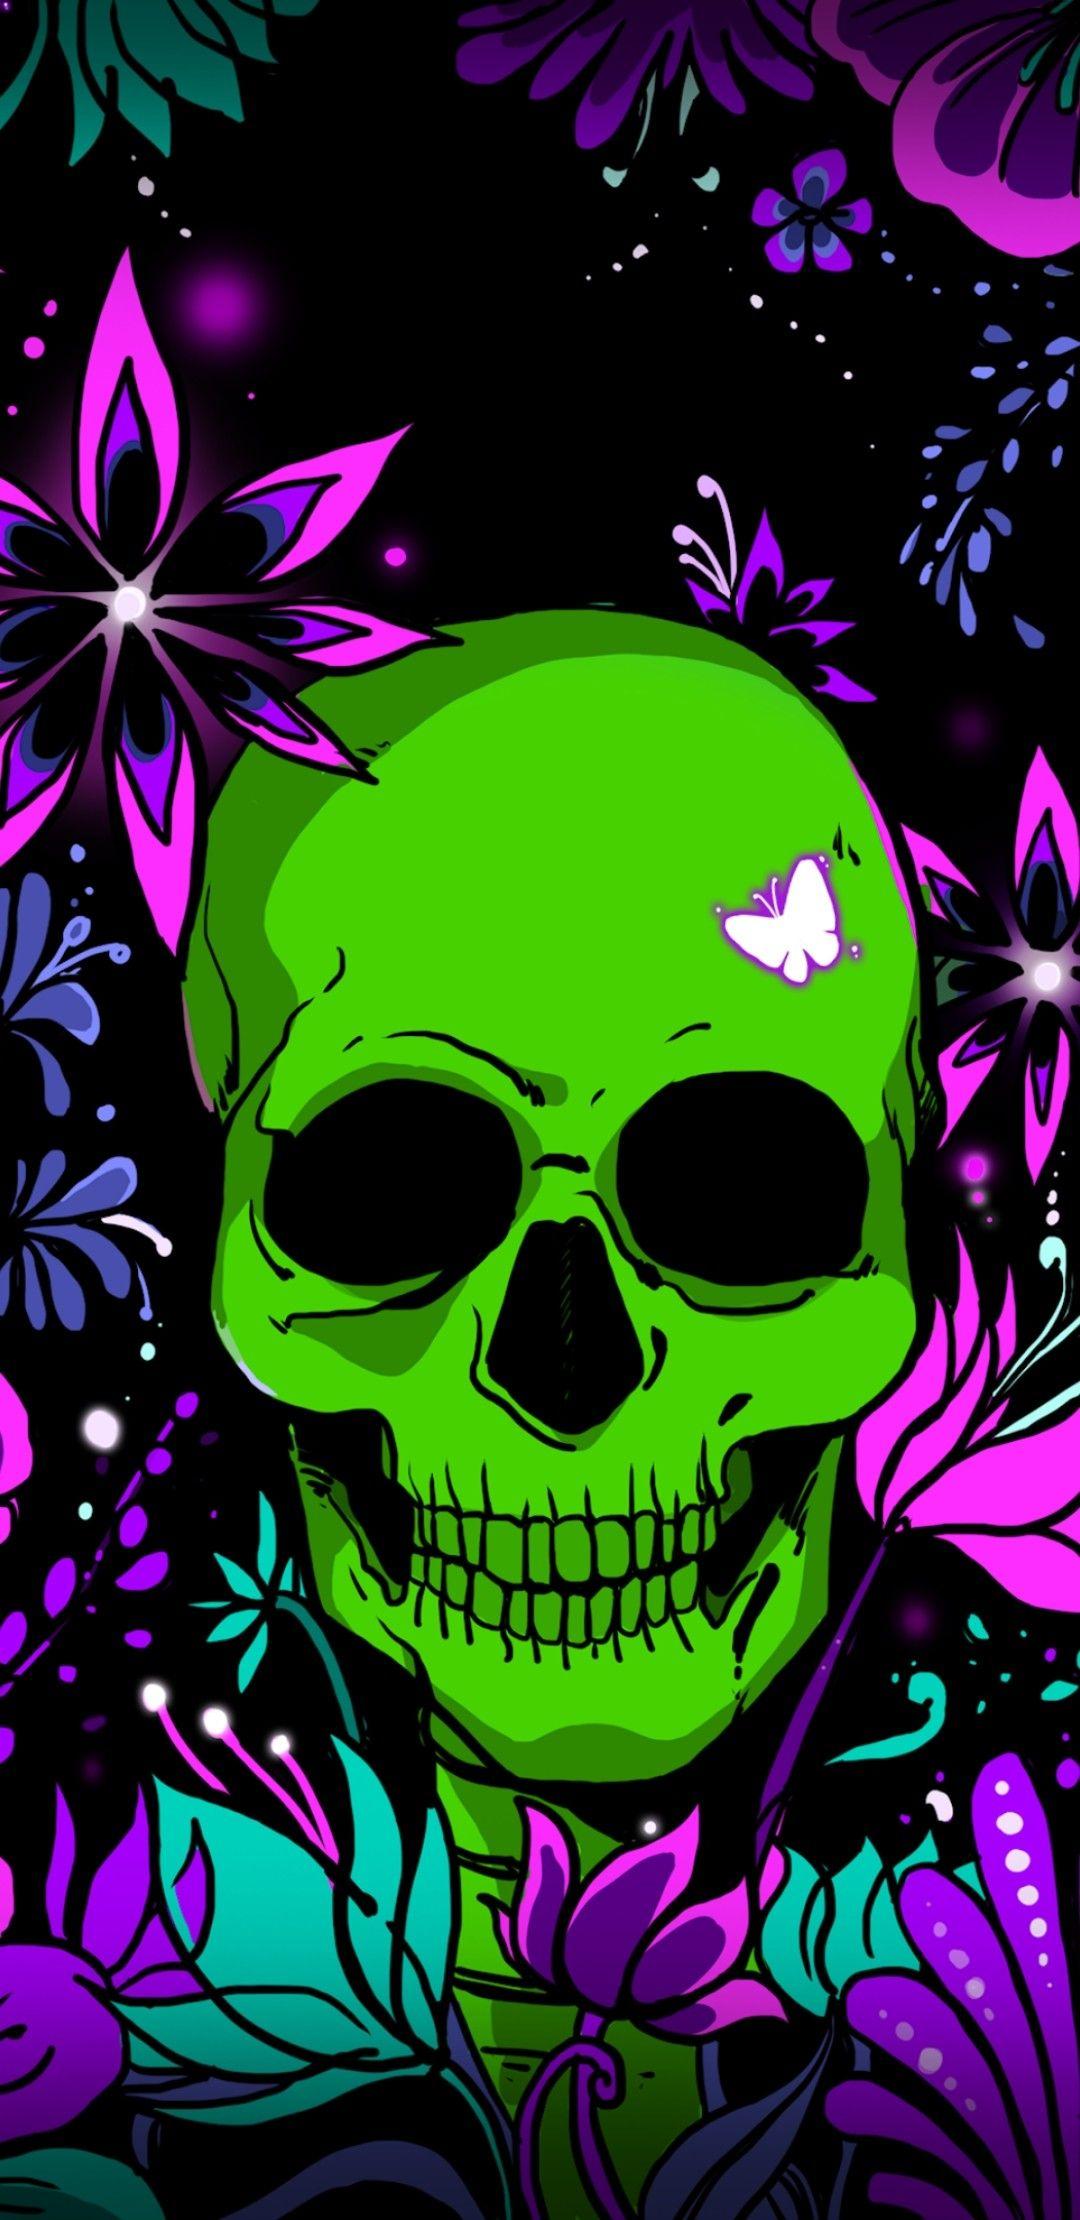 Giggle Green Skull Skull Artwork Skull Wallpaper Sugar Skull Art